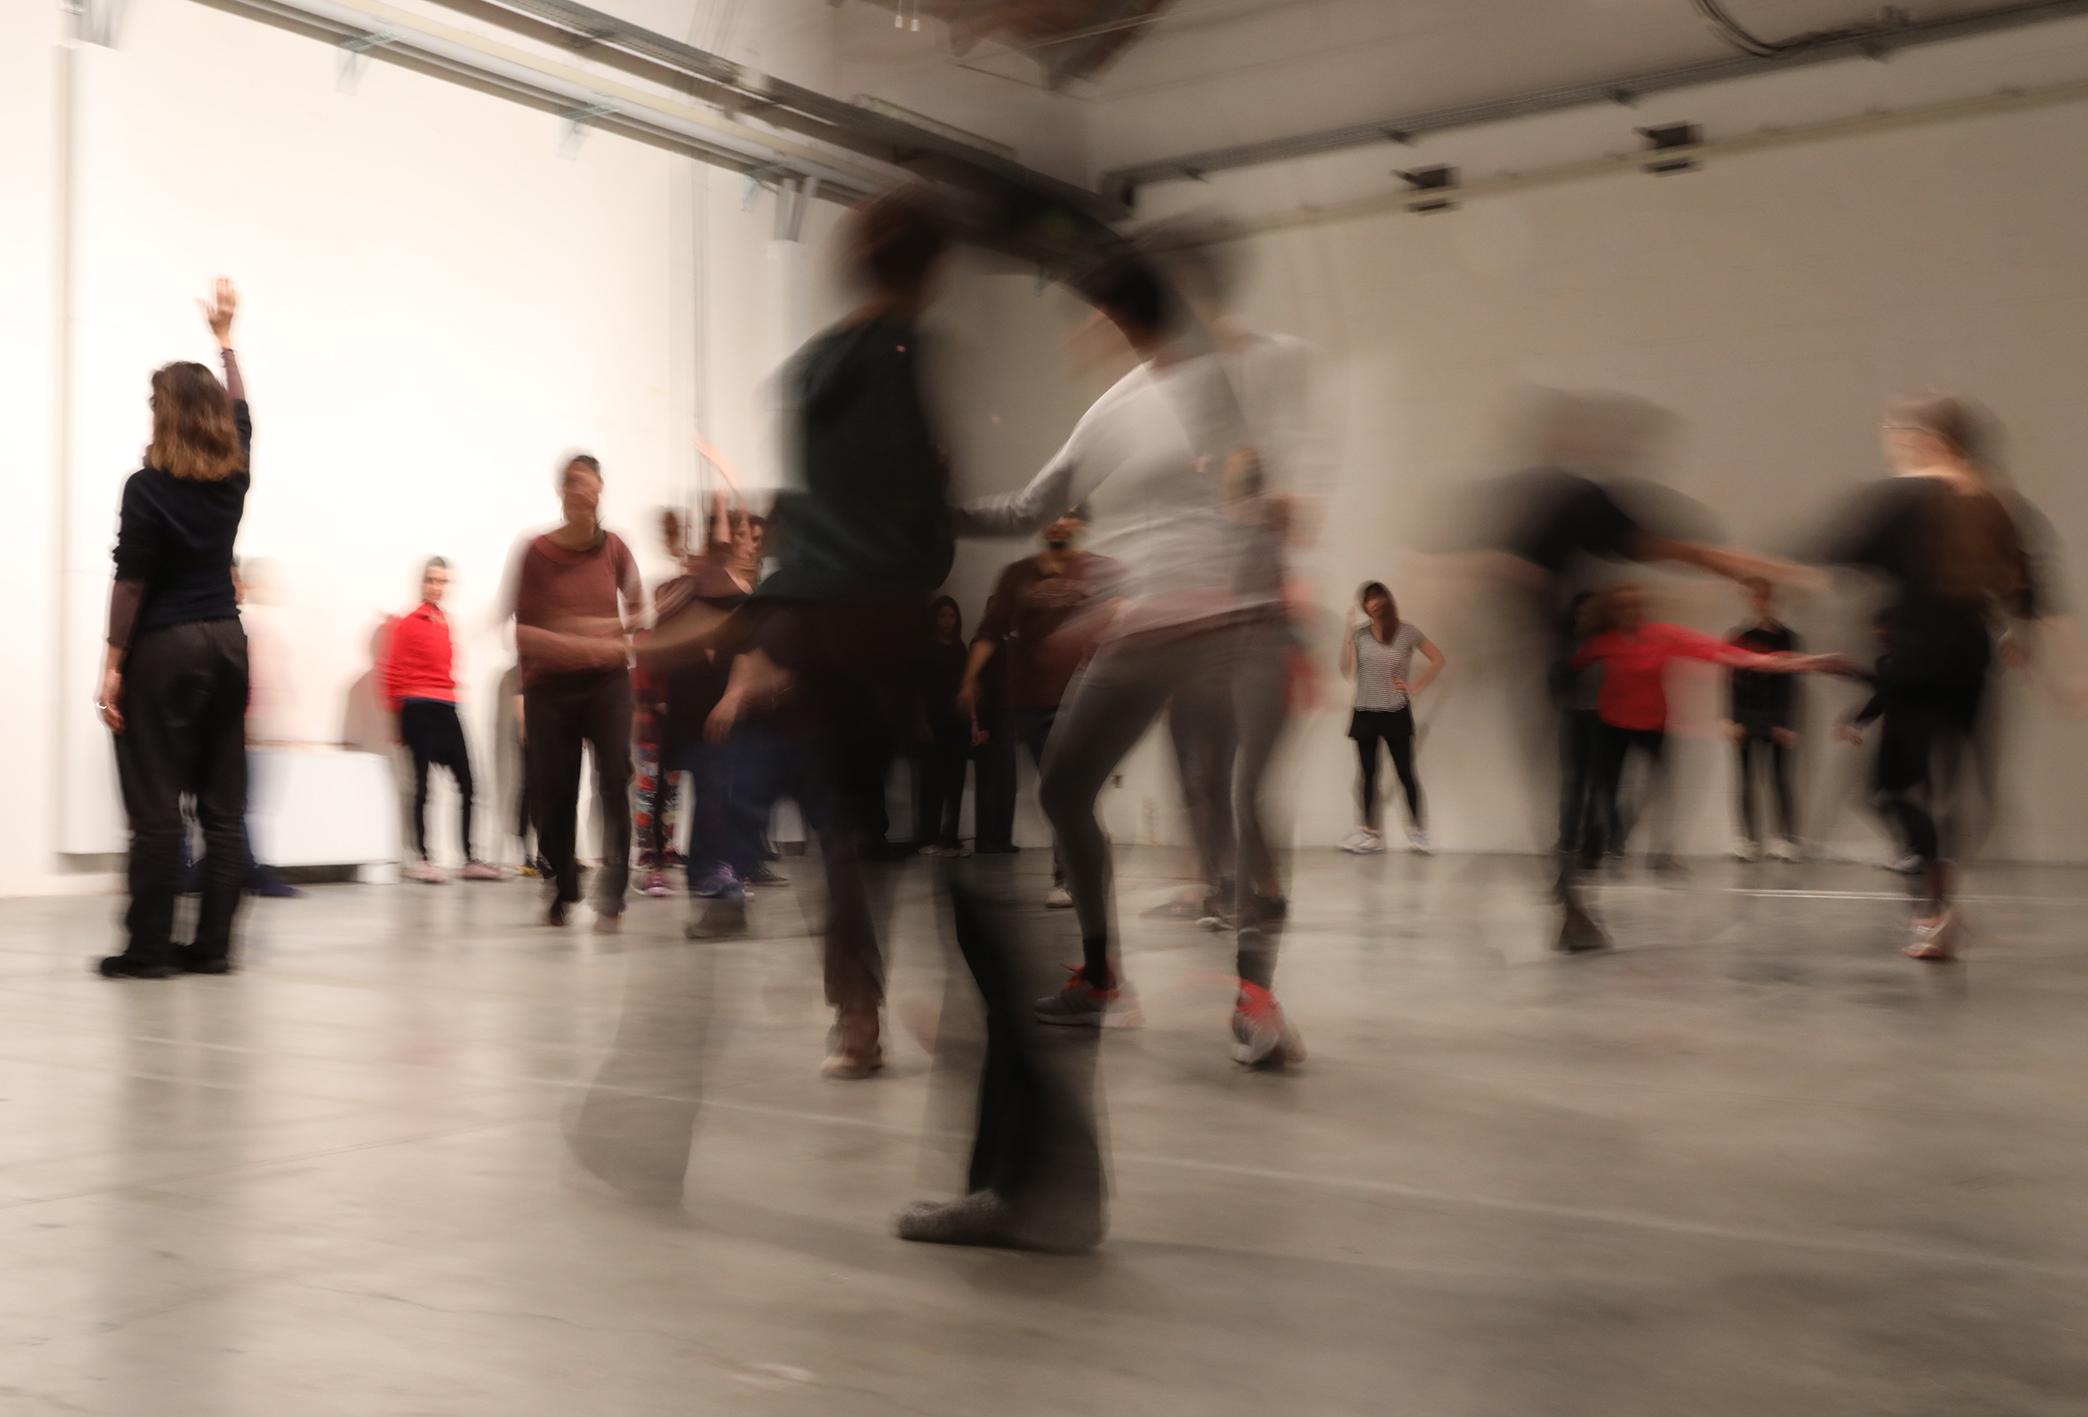 http://www.danzaurbana.eu/festival/wp-content/uploads/Stormo_1K1A5233_lite.jpg